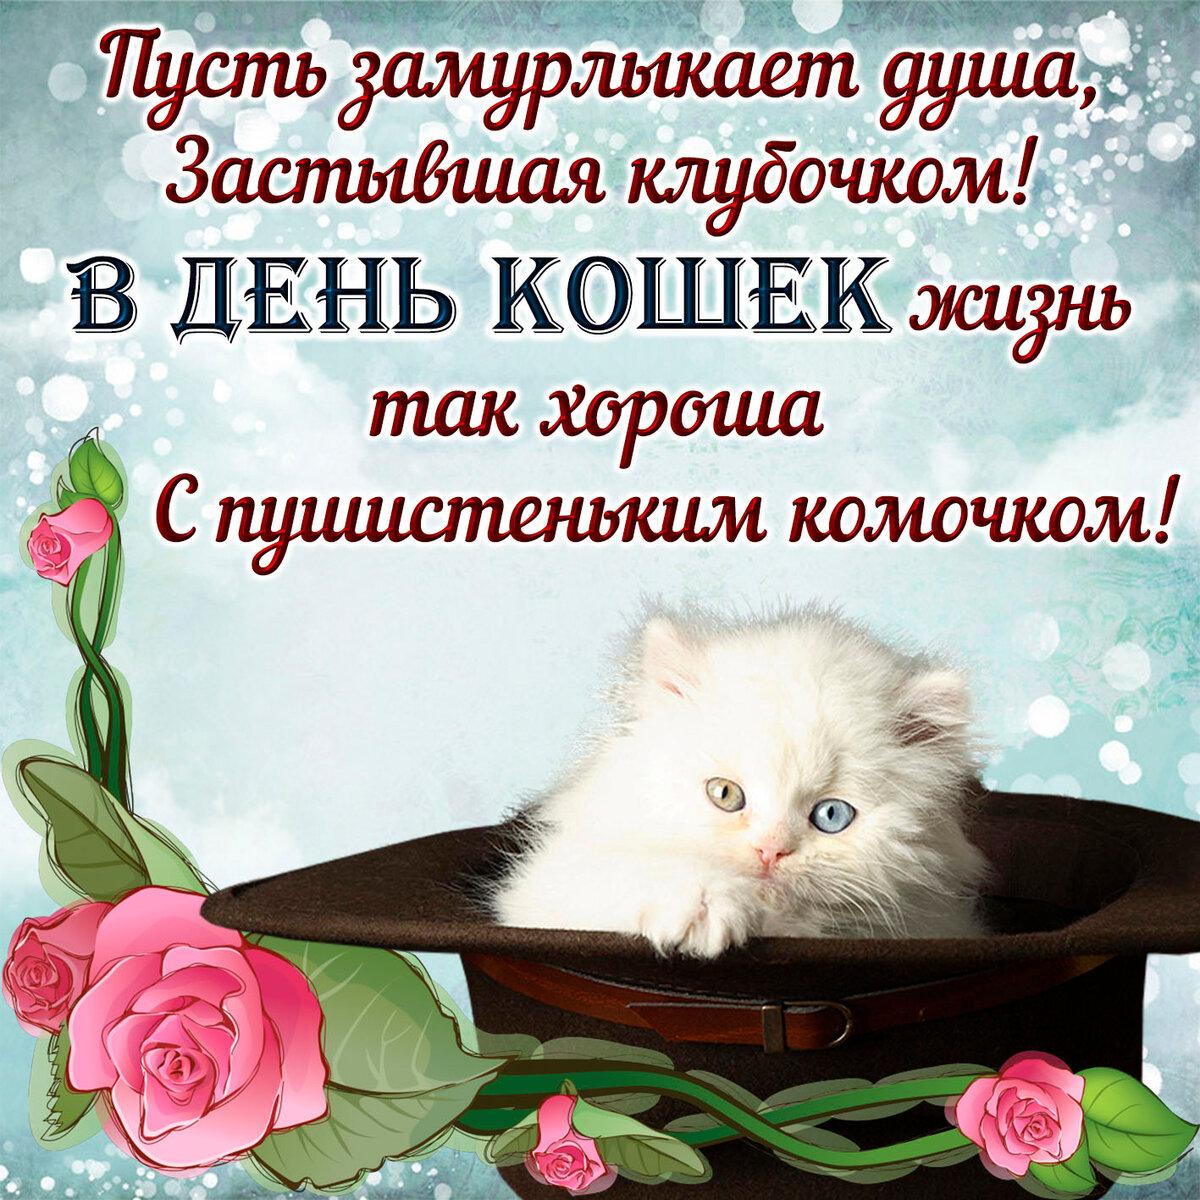 Картинки с праздником кошек, белое картинки смешные